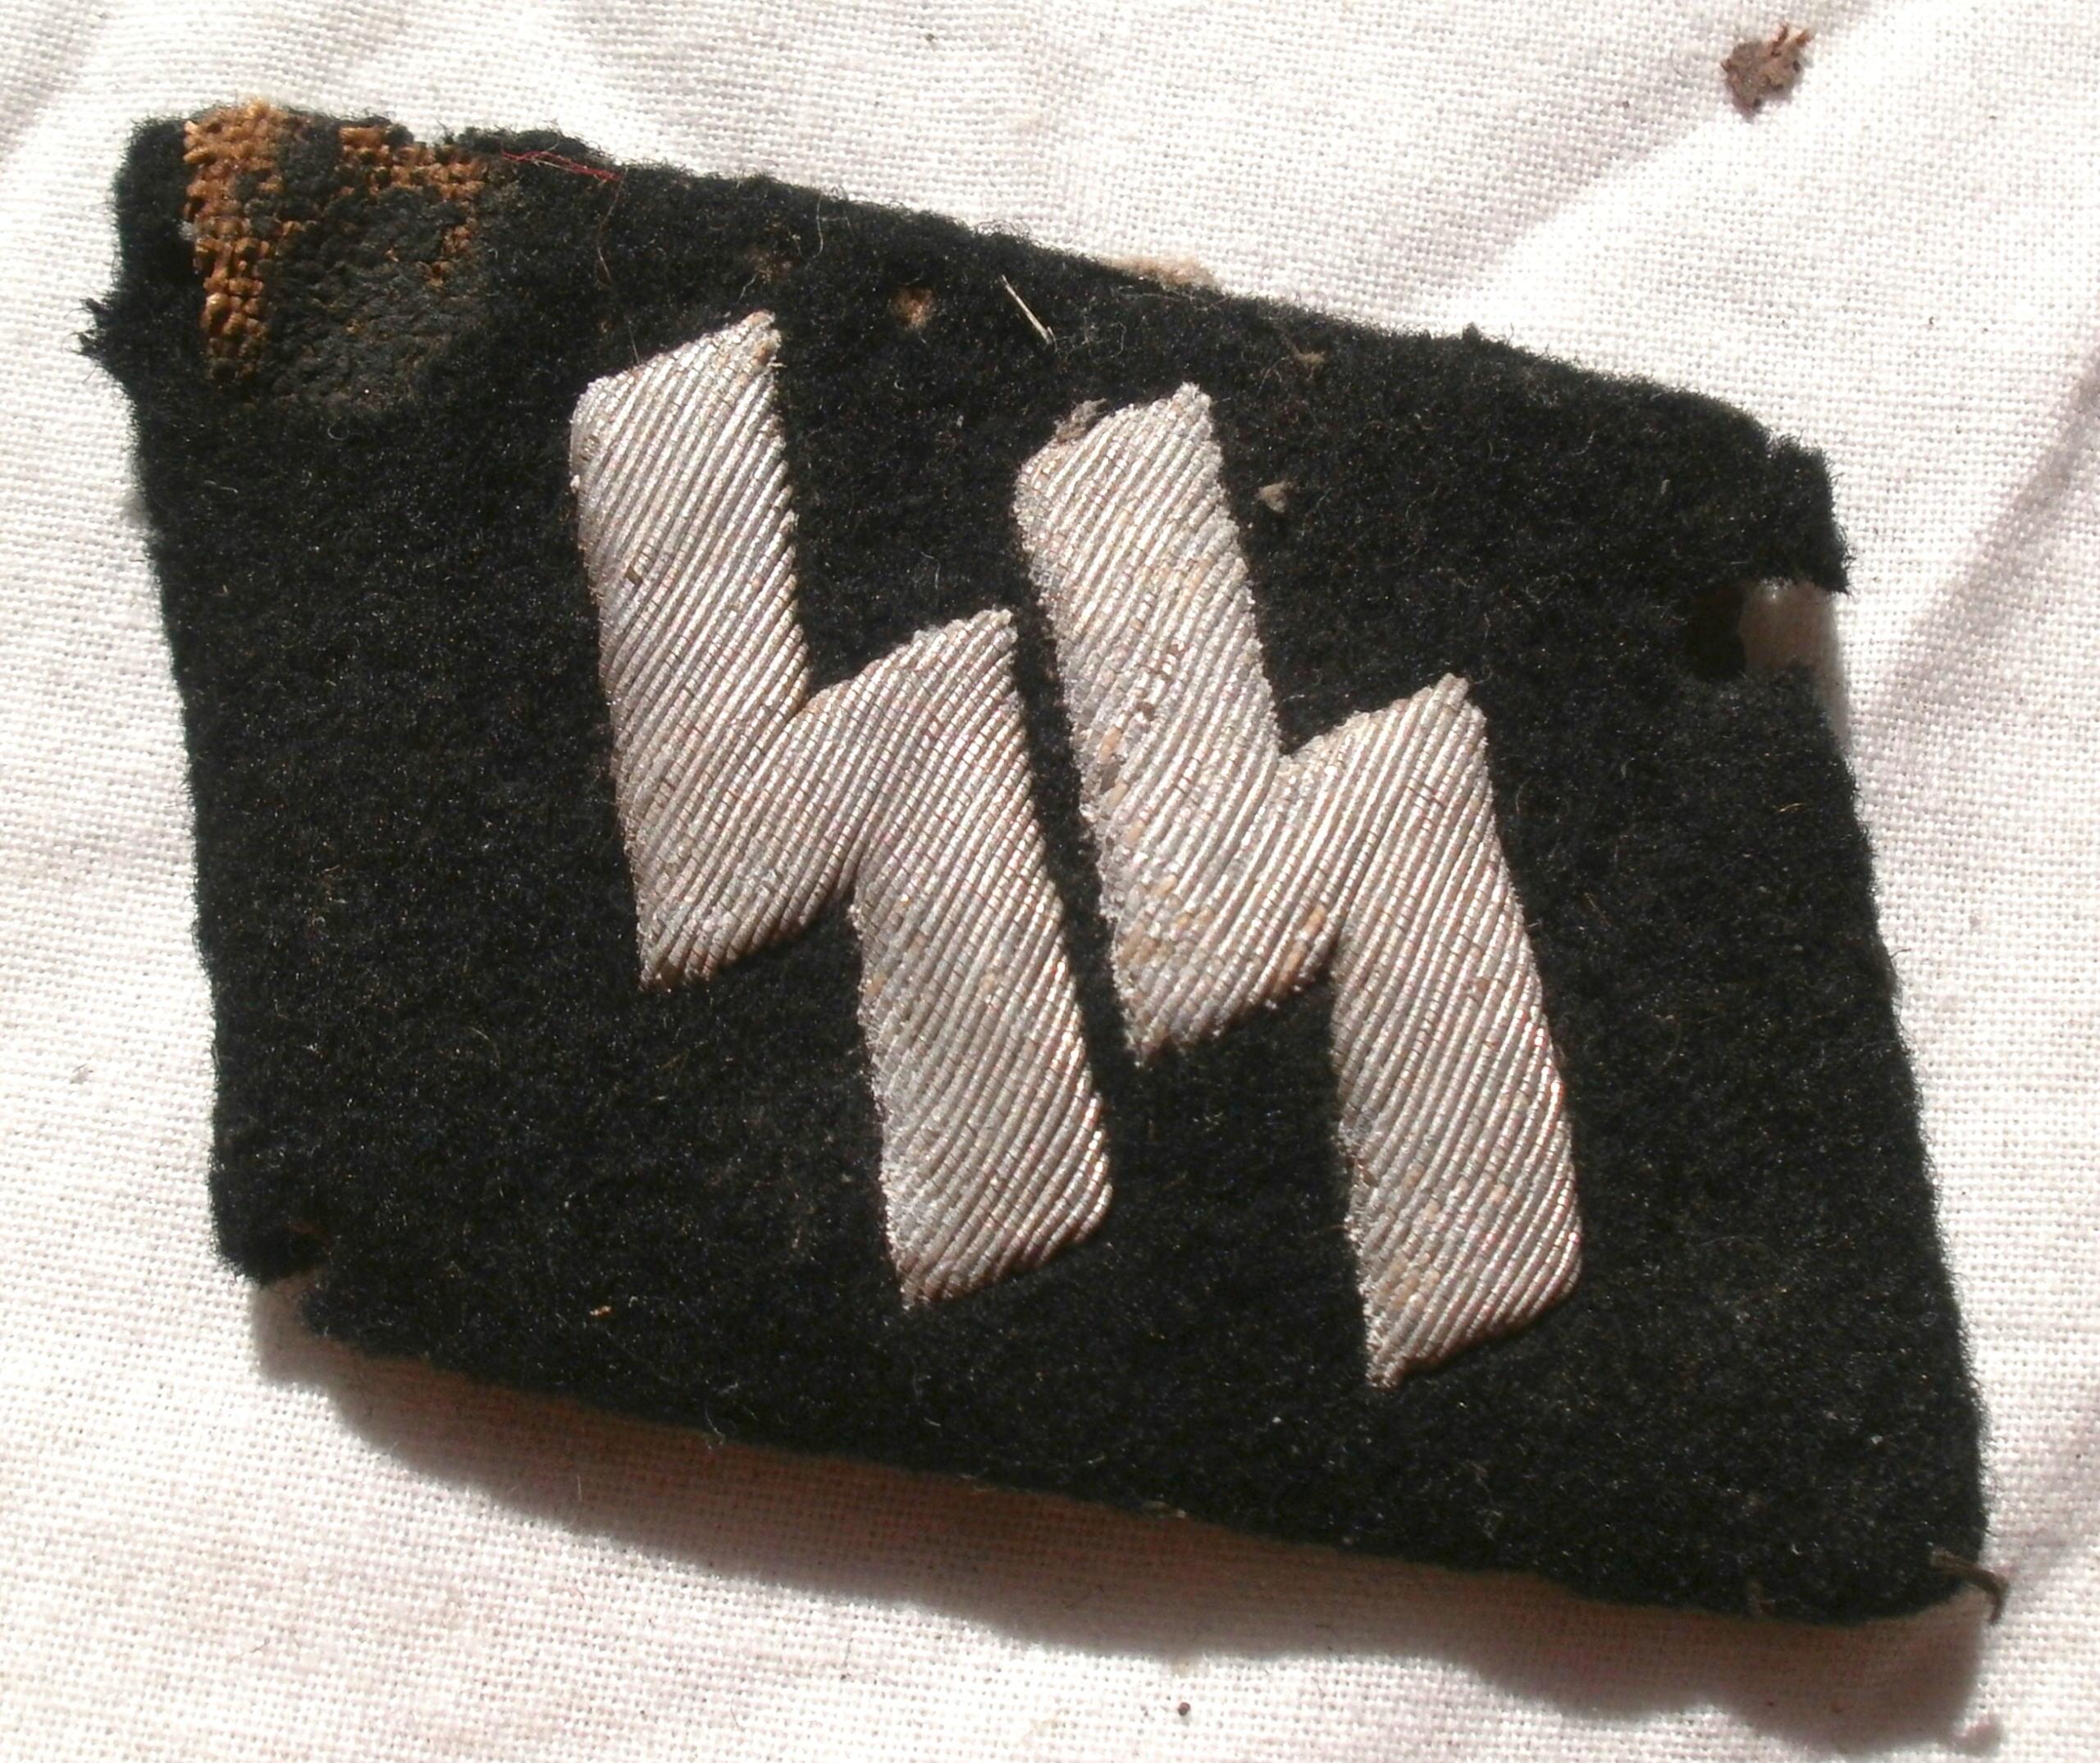 Authentification. Kragenspiegel SS et Totenkopf de Schirmmütze P4232823